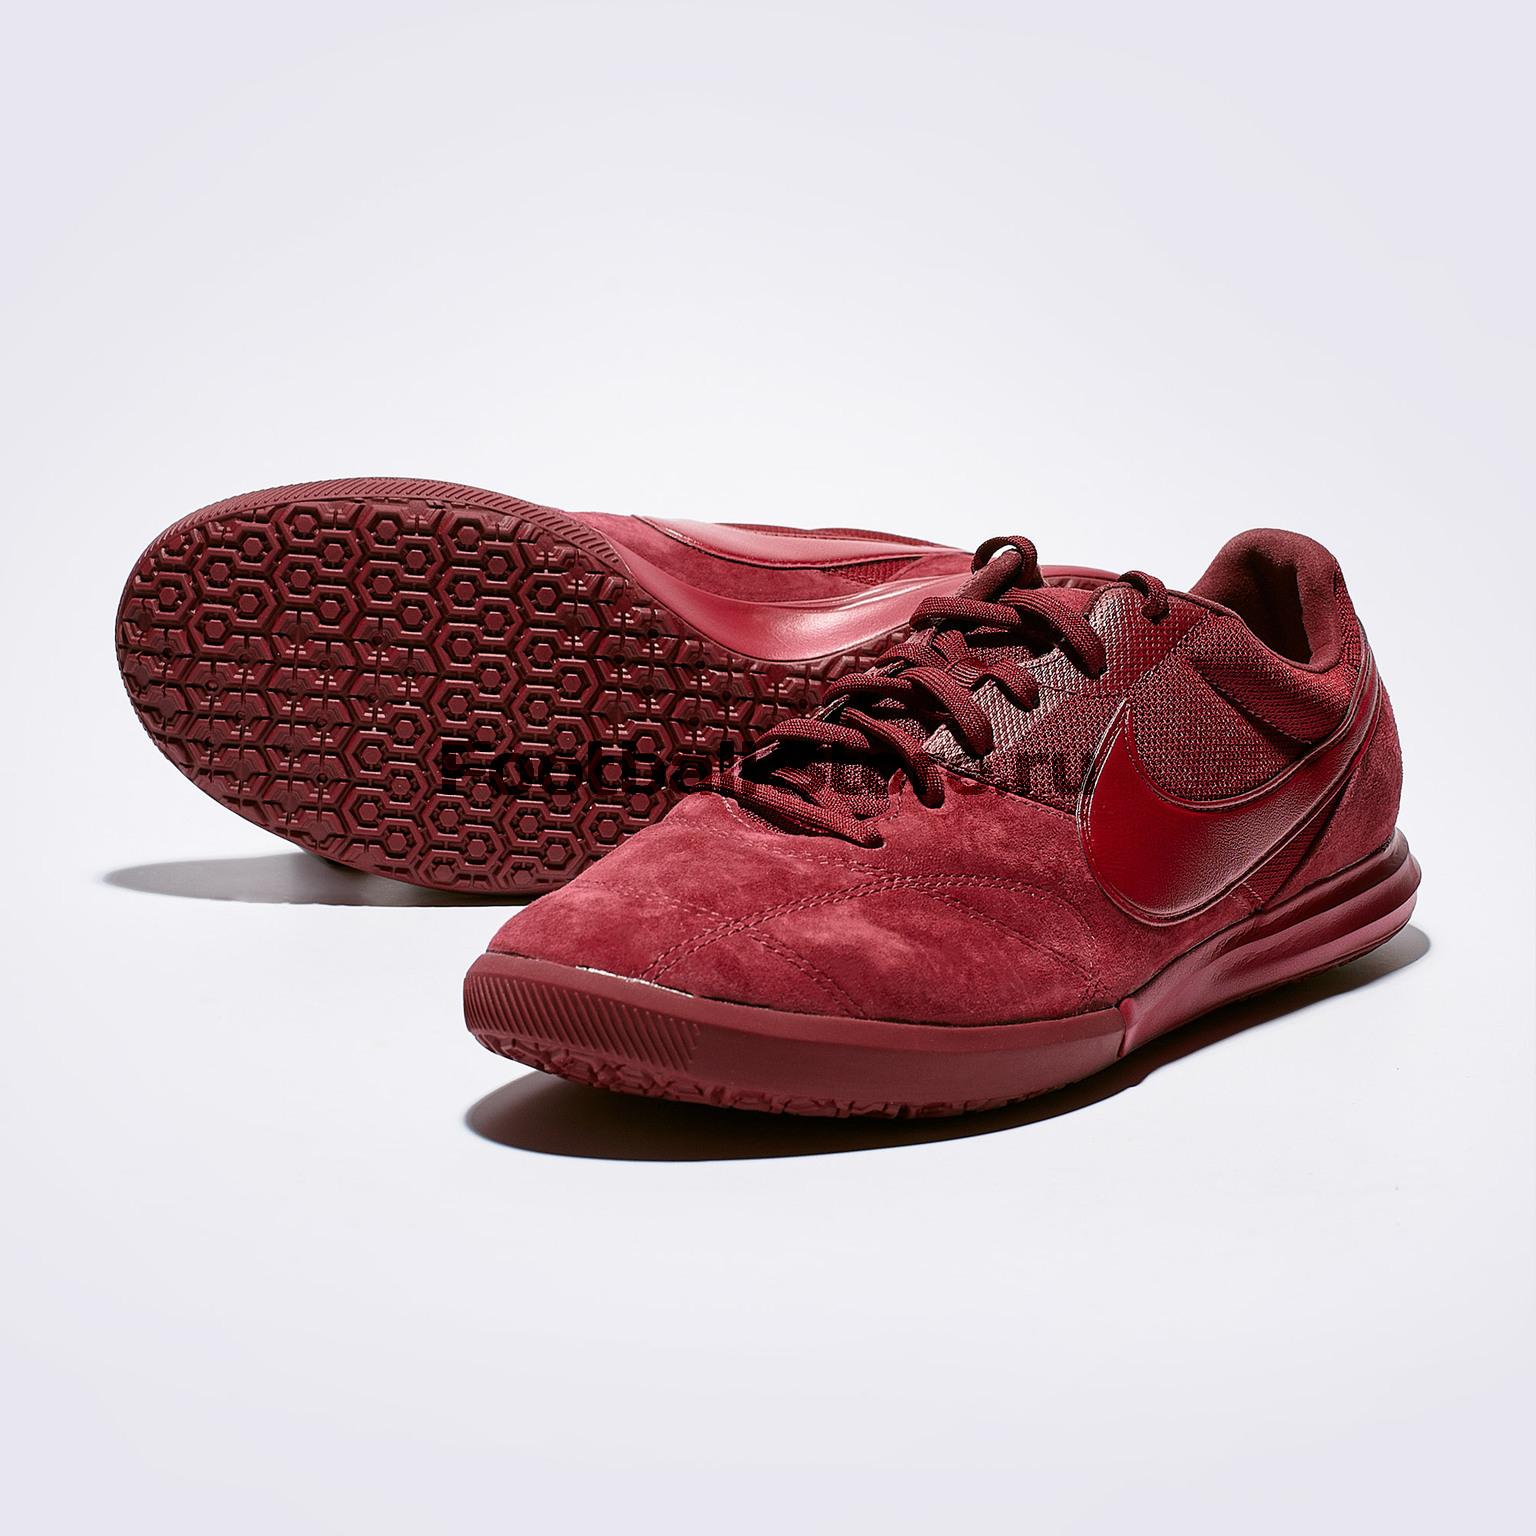 Футзалки Nike Tiempo Premier II Sala AV3153-606 футзалки nike tiempo premier ii sala av3153 010